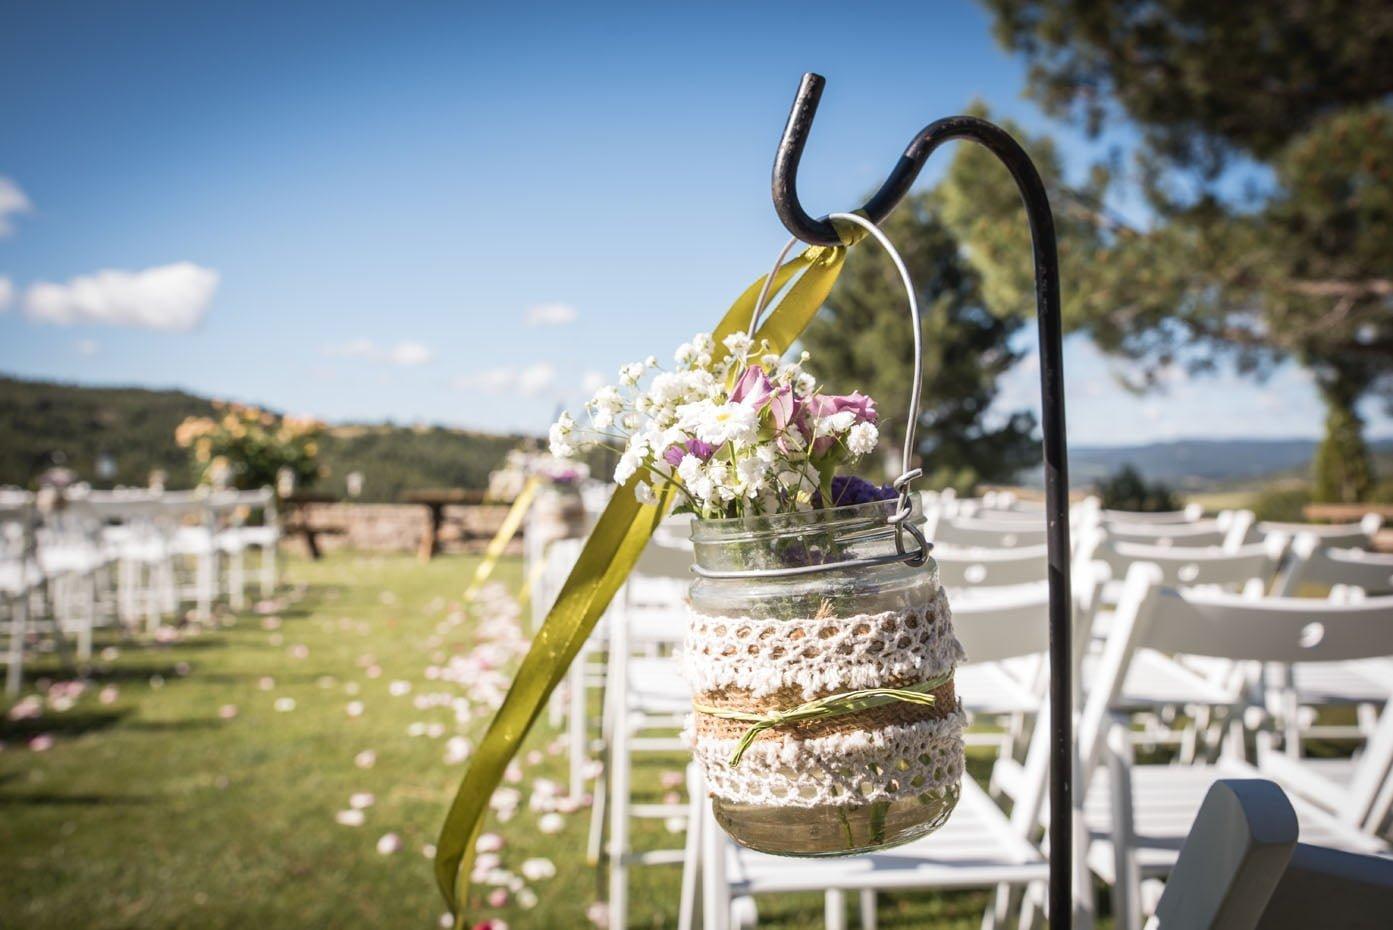 Casaments-ca-nalzina-espai-gastronomia23